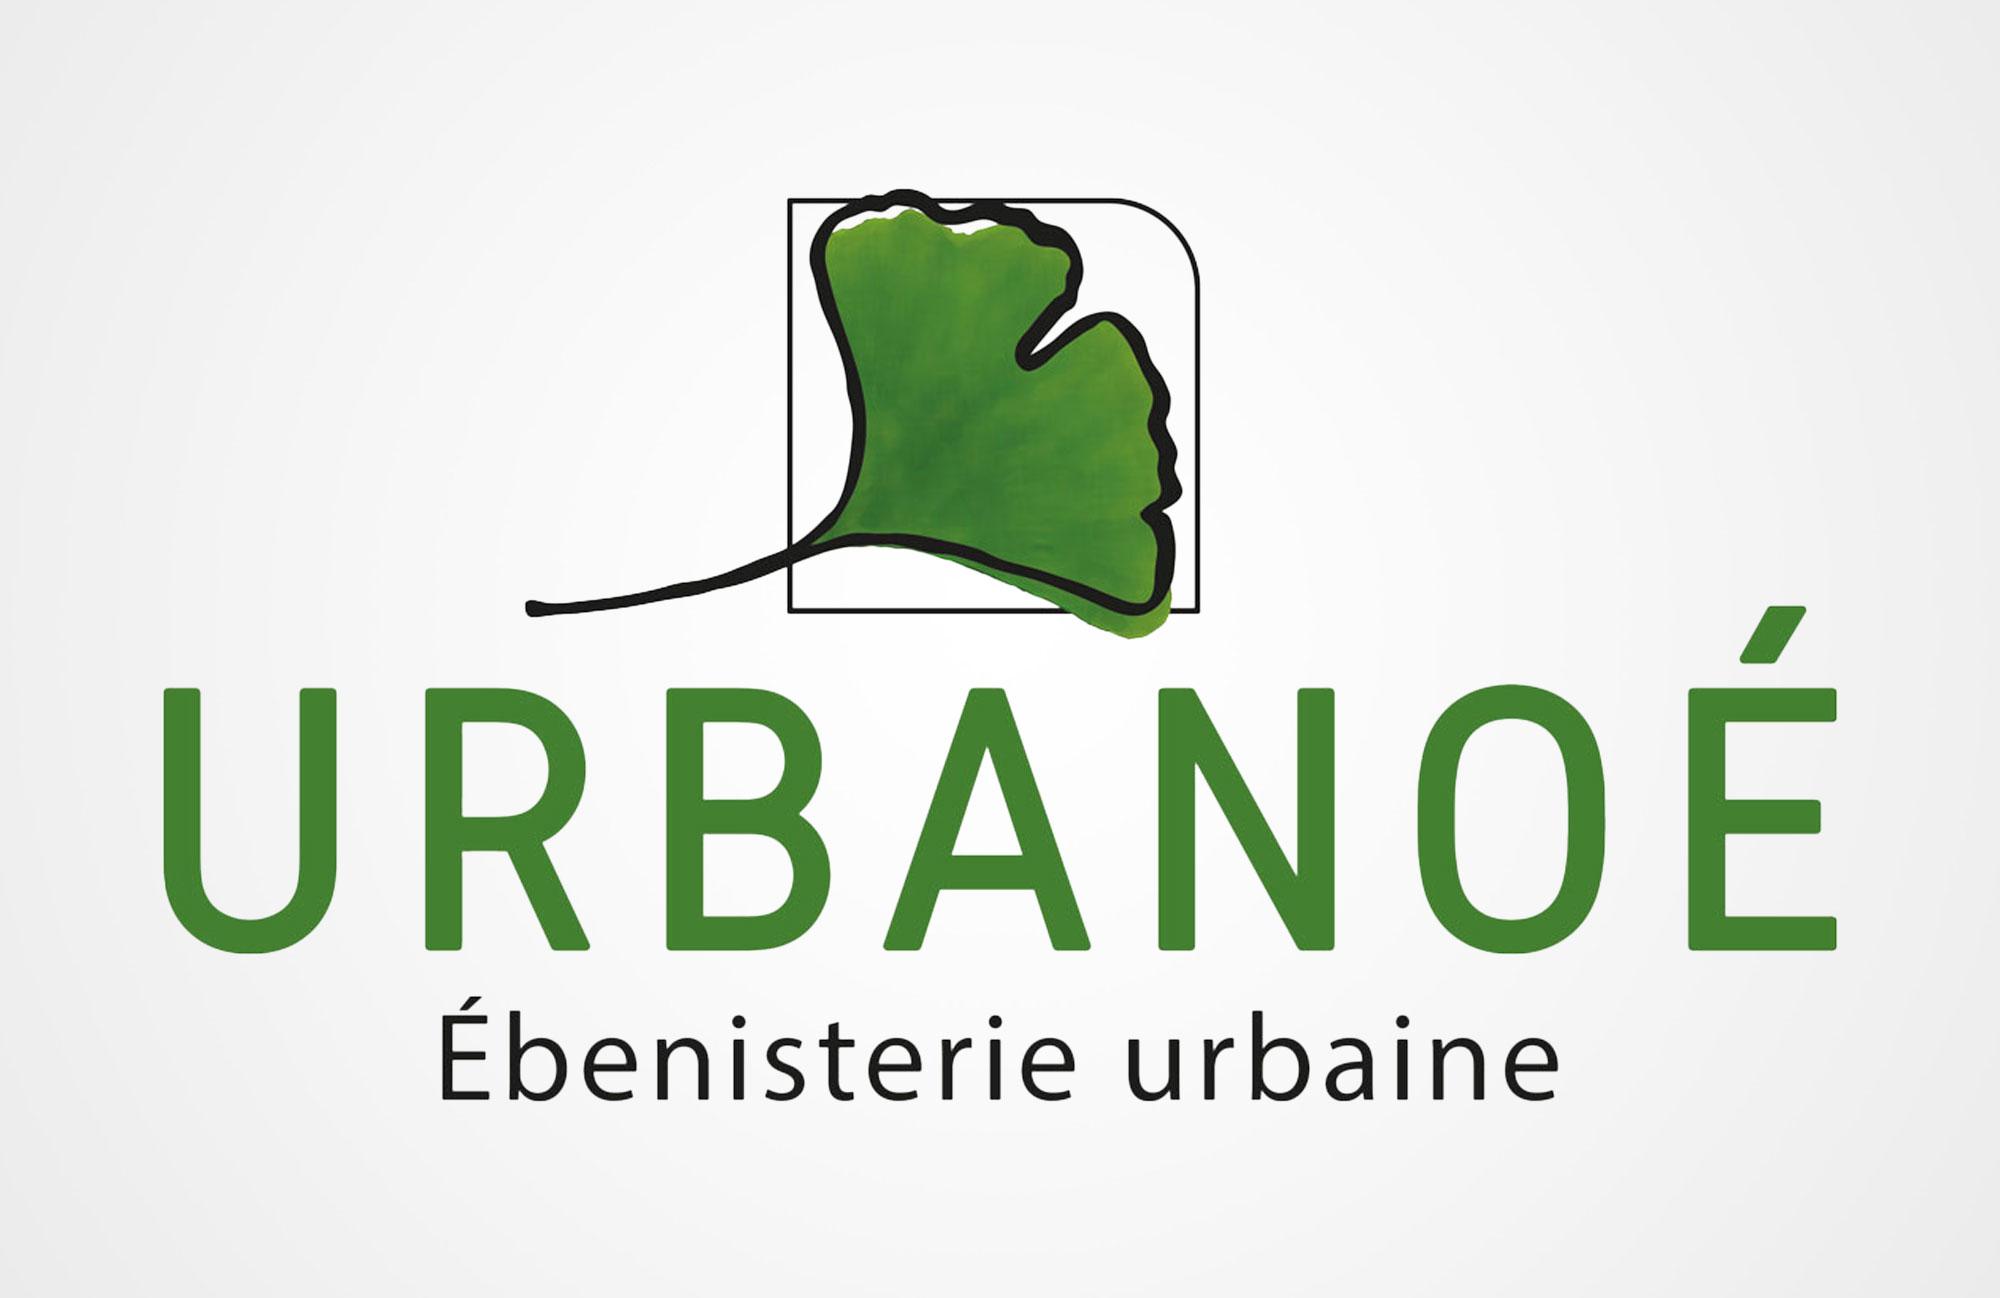 Logo de l'entreprise Urbanoé ébénisterie urbaine